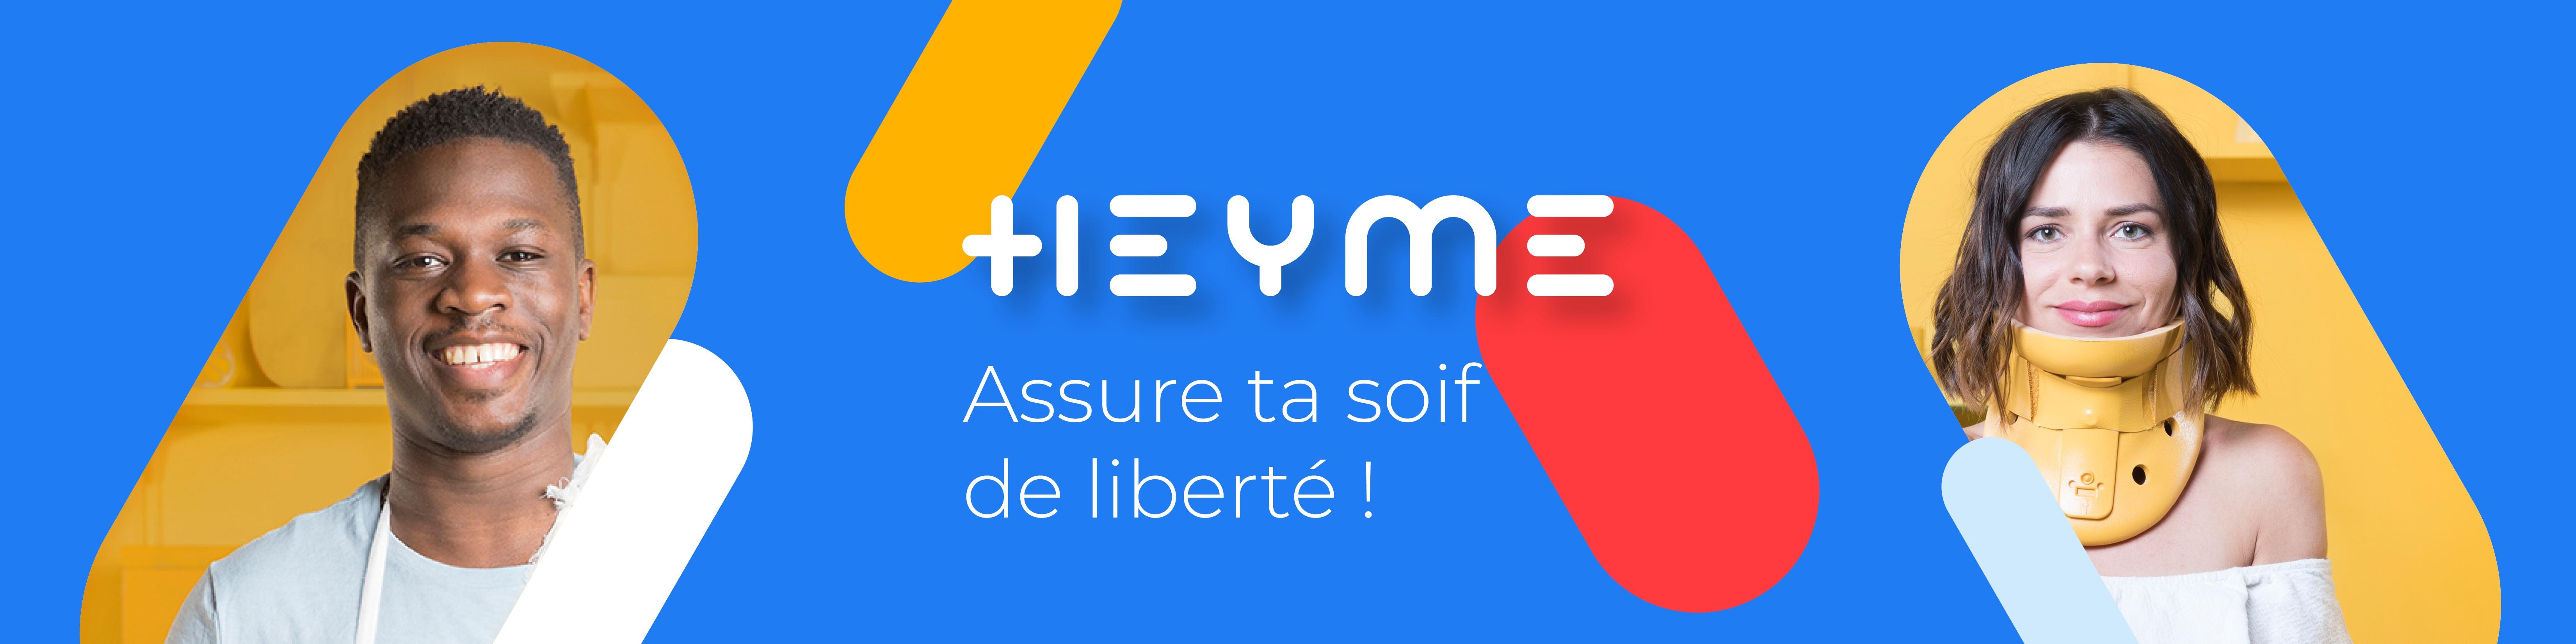 Heyme : La meilleure assurance pour partir en sejour linguistique (🎁)